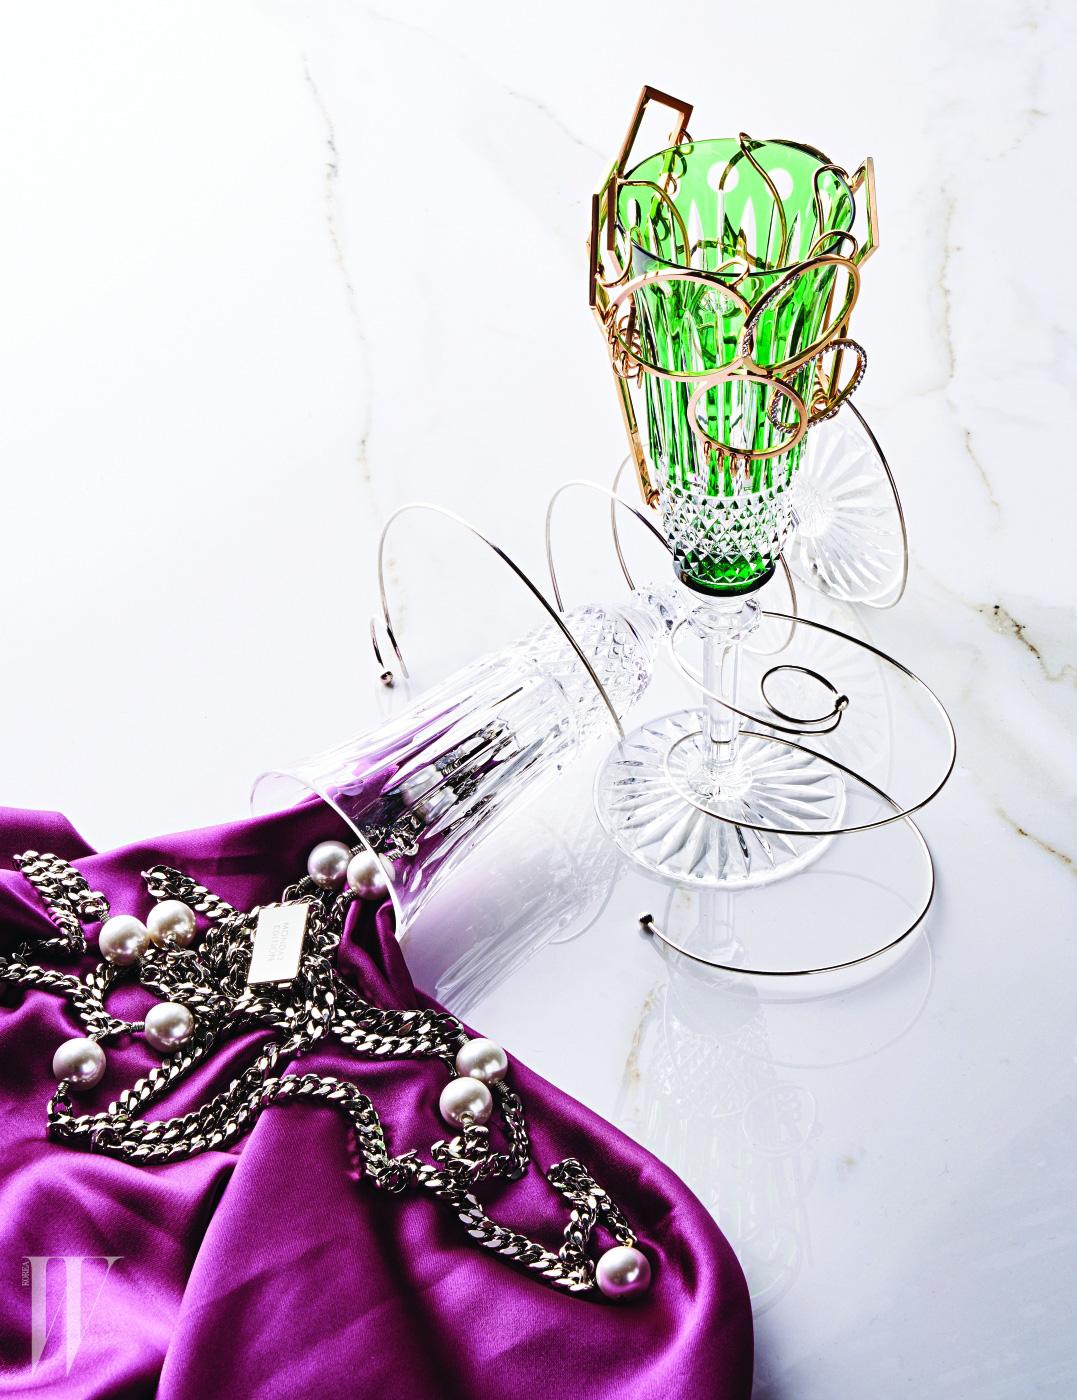 왼쪽부터 | 샴페인 잔에서 쏟아져 나온 진주 장식 체인 목걸이, 스프링이 연상되는 팔찌들은 모두 먼데이 에디션 제품.  각각 18만원, 18만원, 15만원. 초록색 샴페인 잔에 걸린 건축적이고 기하학적인 이어커프는 모두 김미혜 제품. 가격 미정.